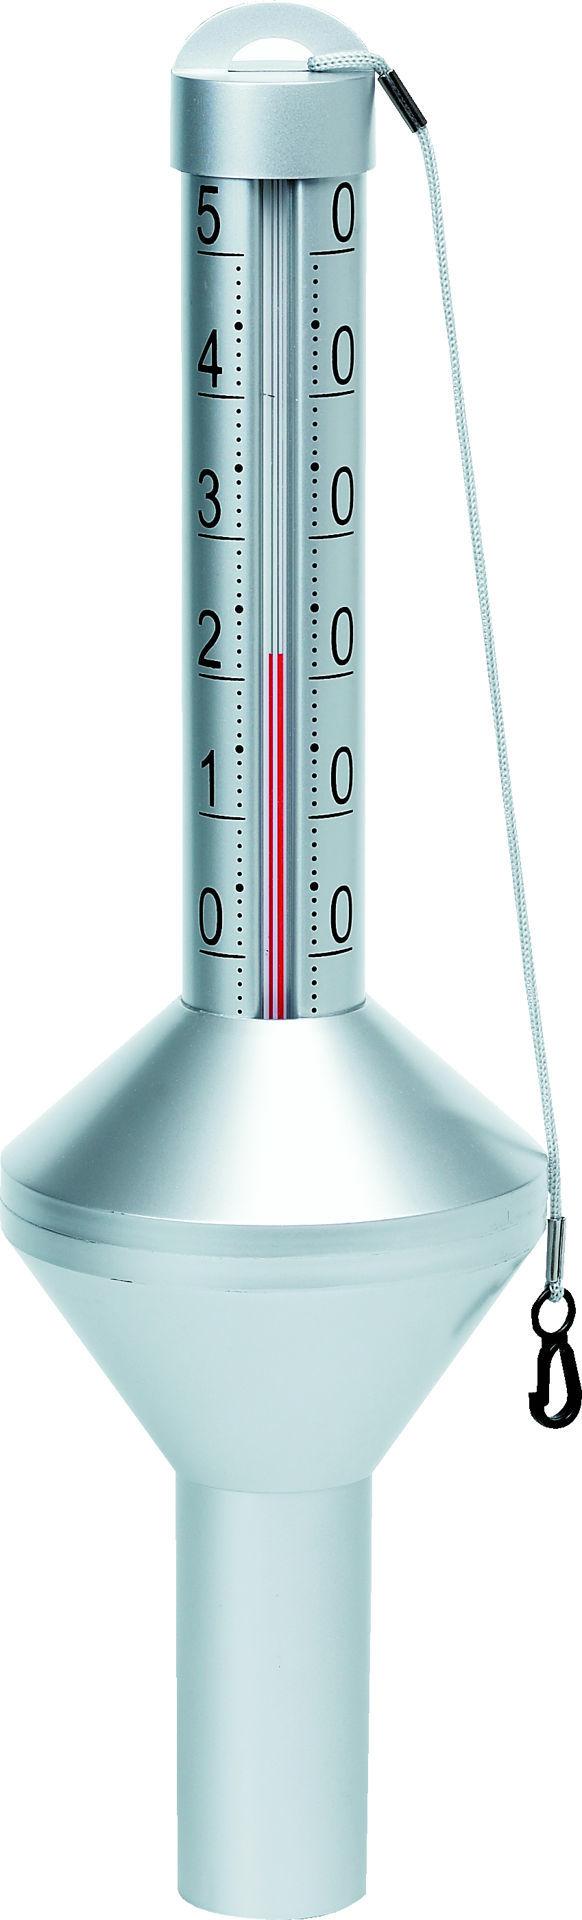 Bilde av Badetermometer flytende